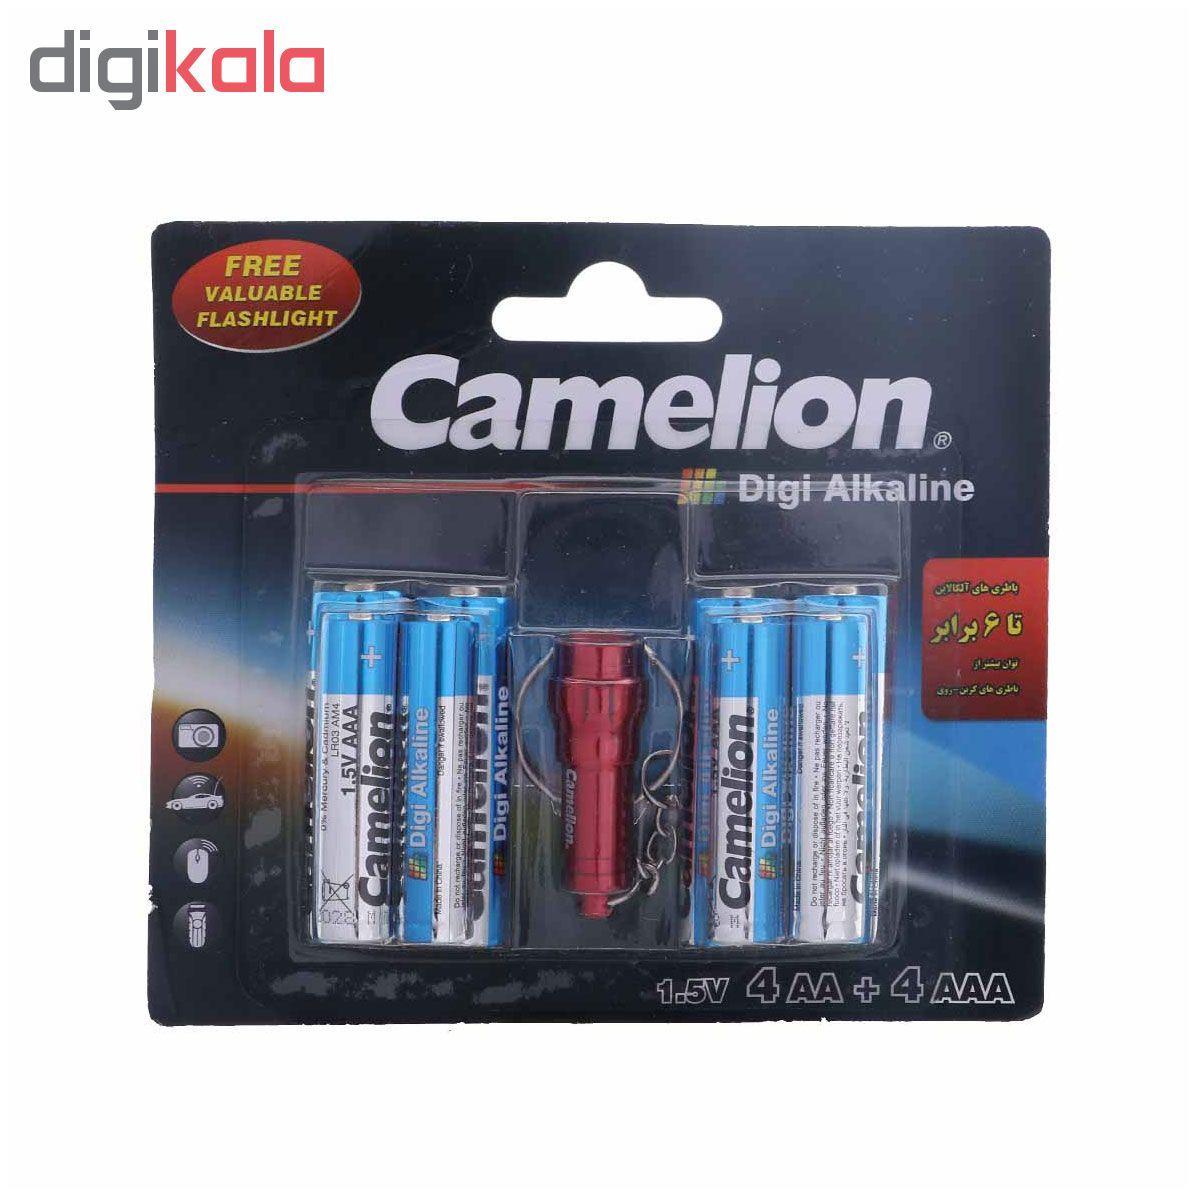 باتری کملیون مدل Digi Alkaline بسته 8 عددی به همراه چراغ قوه main 1 1